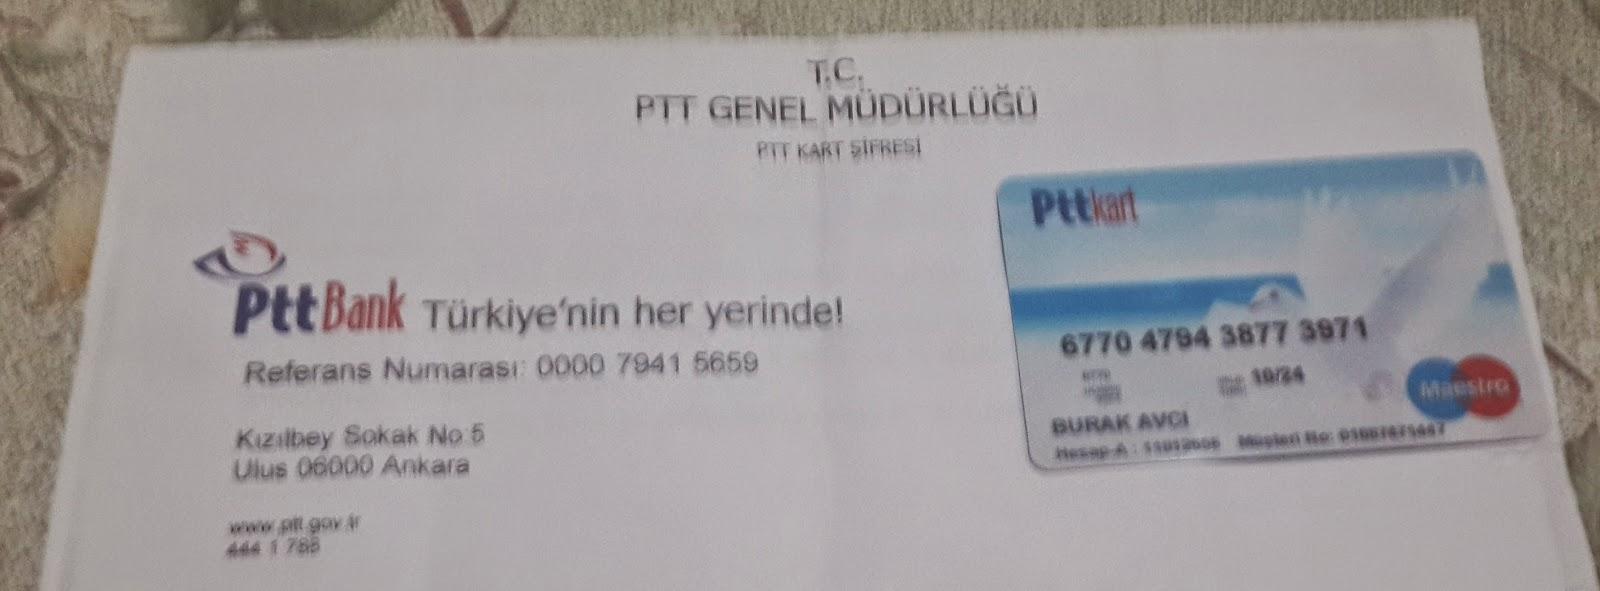 PTT Kart